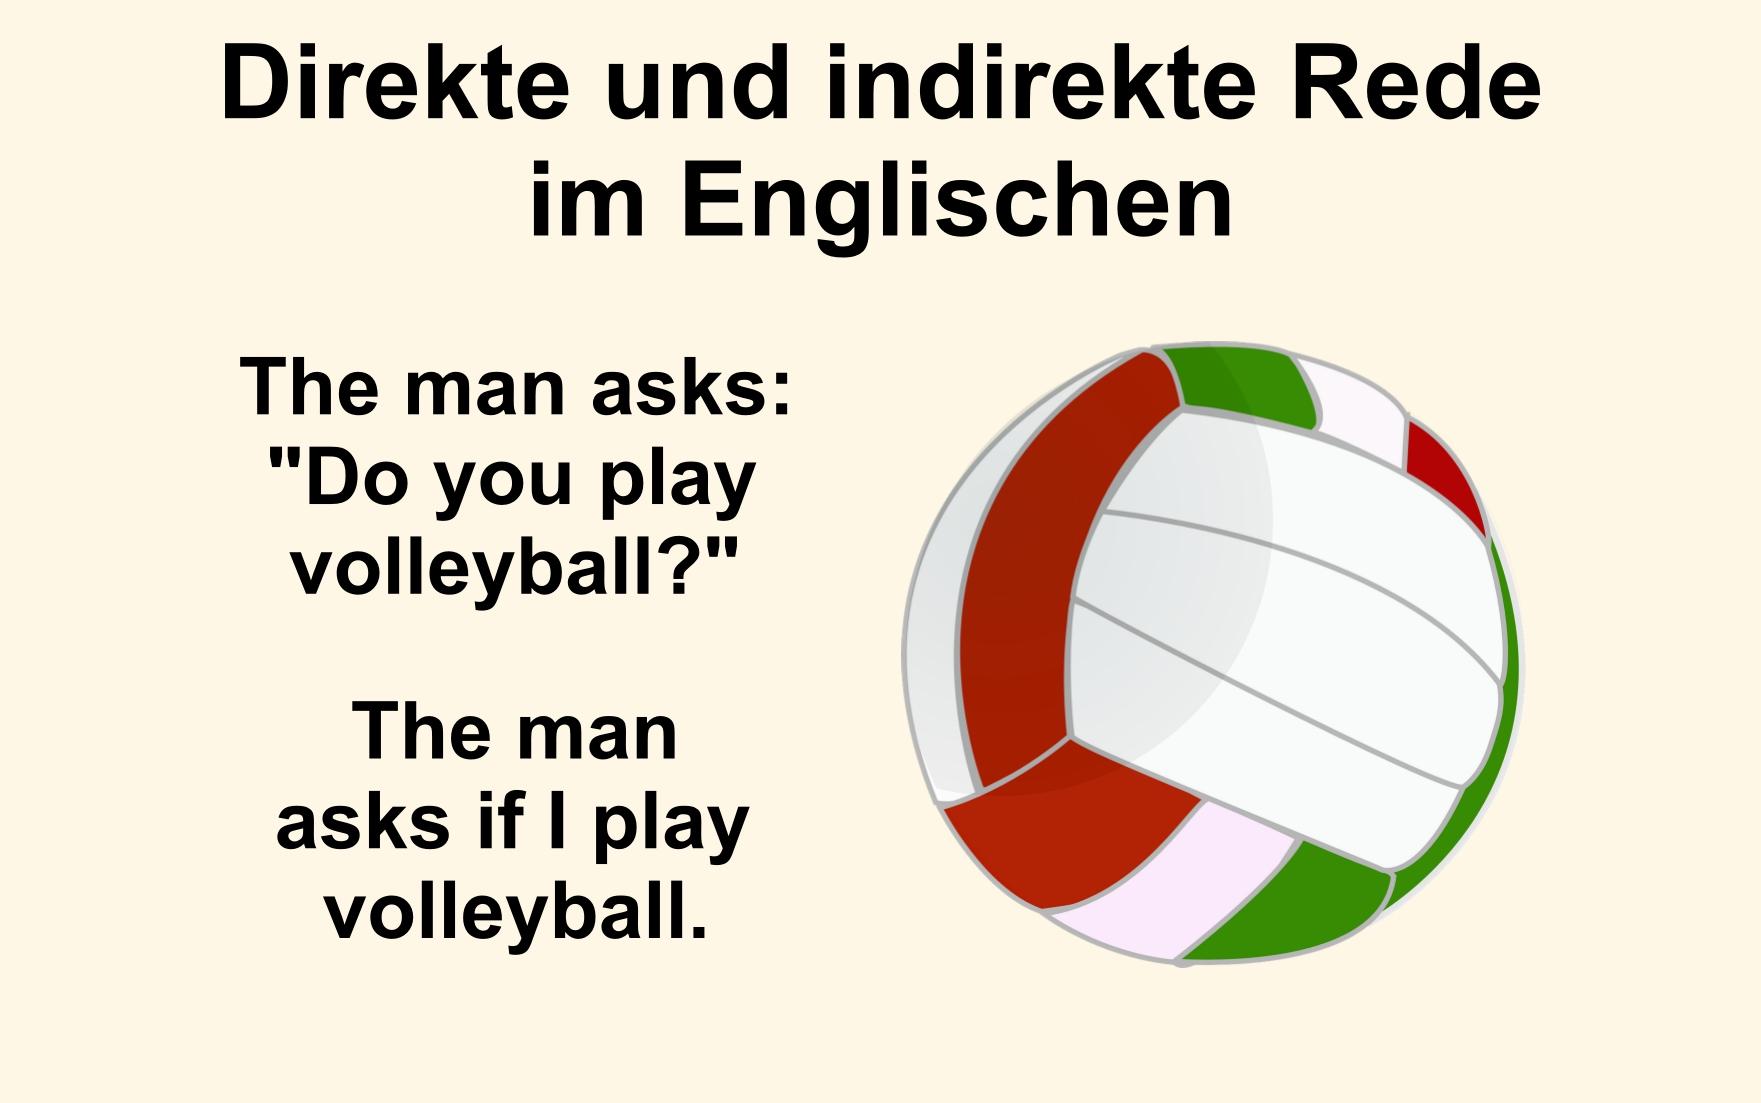 Direkte und Indirekte Rede im Englischen